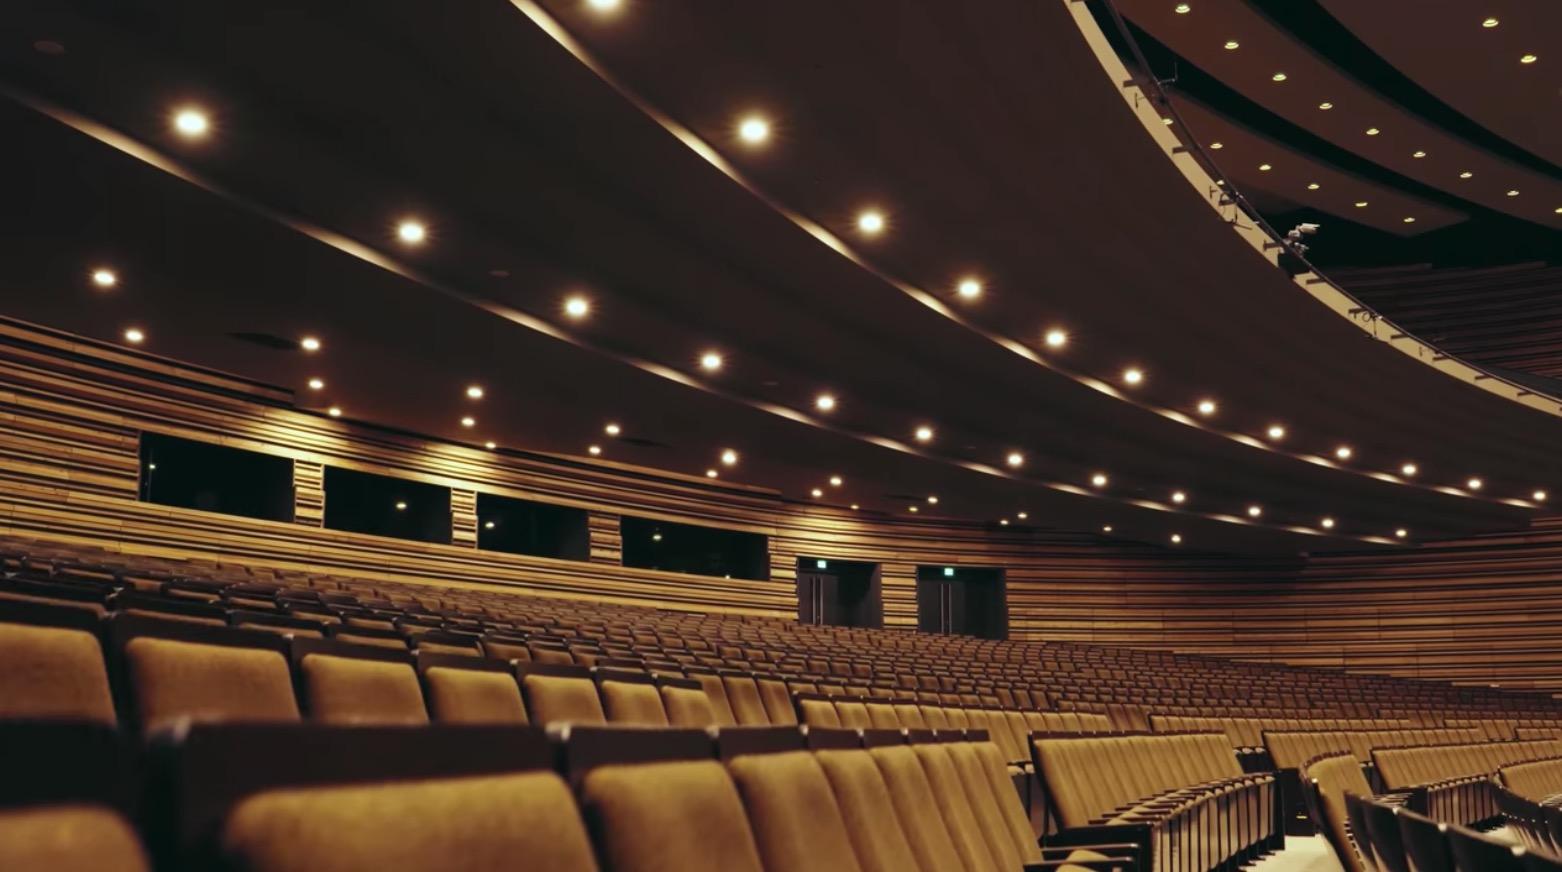 熊本城ホールに行ってきたよ。イベントから会議まで!色々行えるイベントホールばい!!